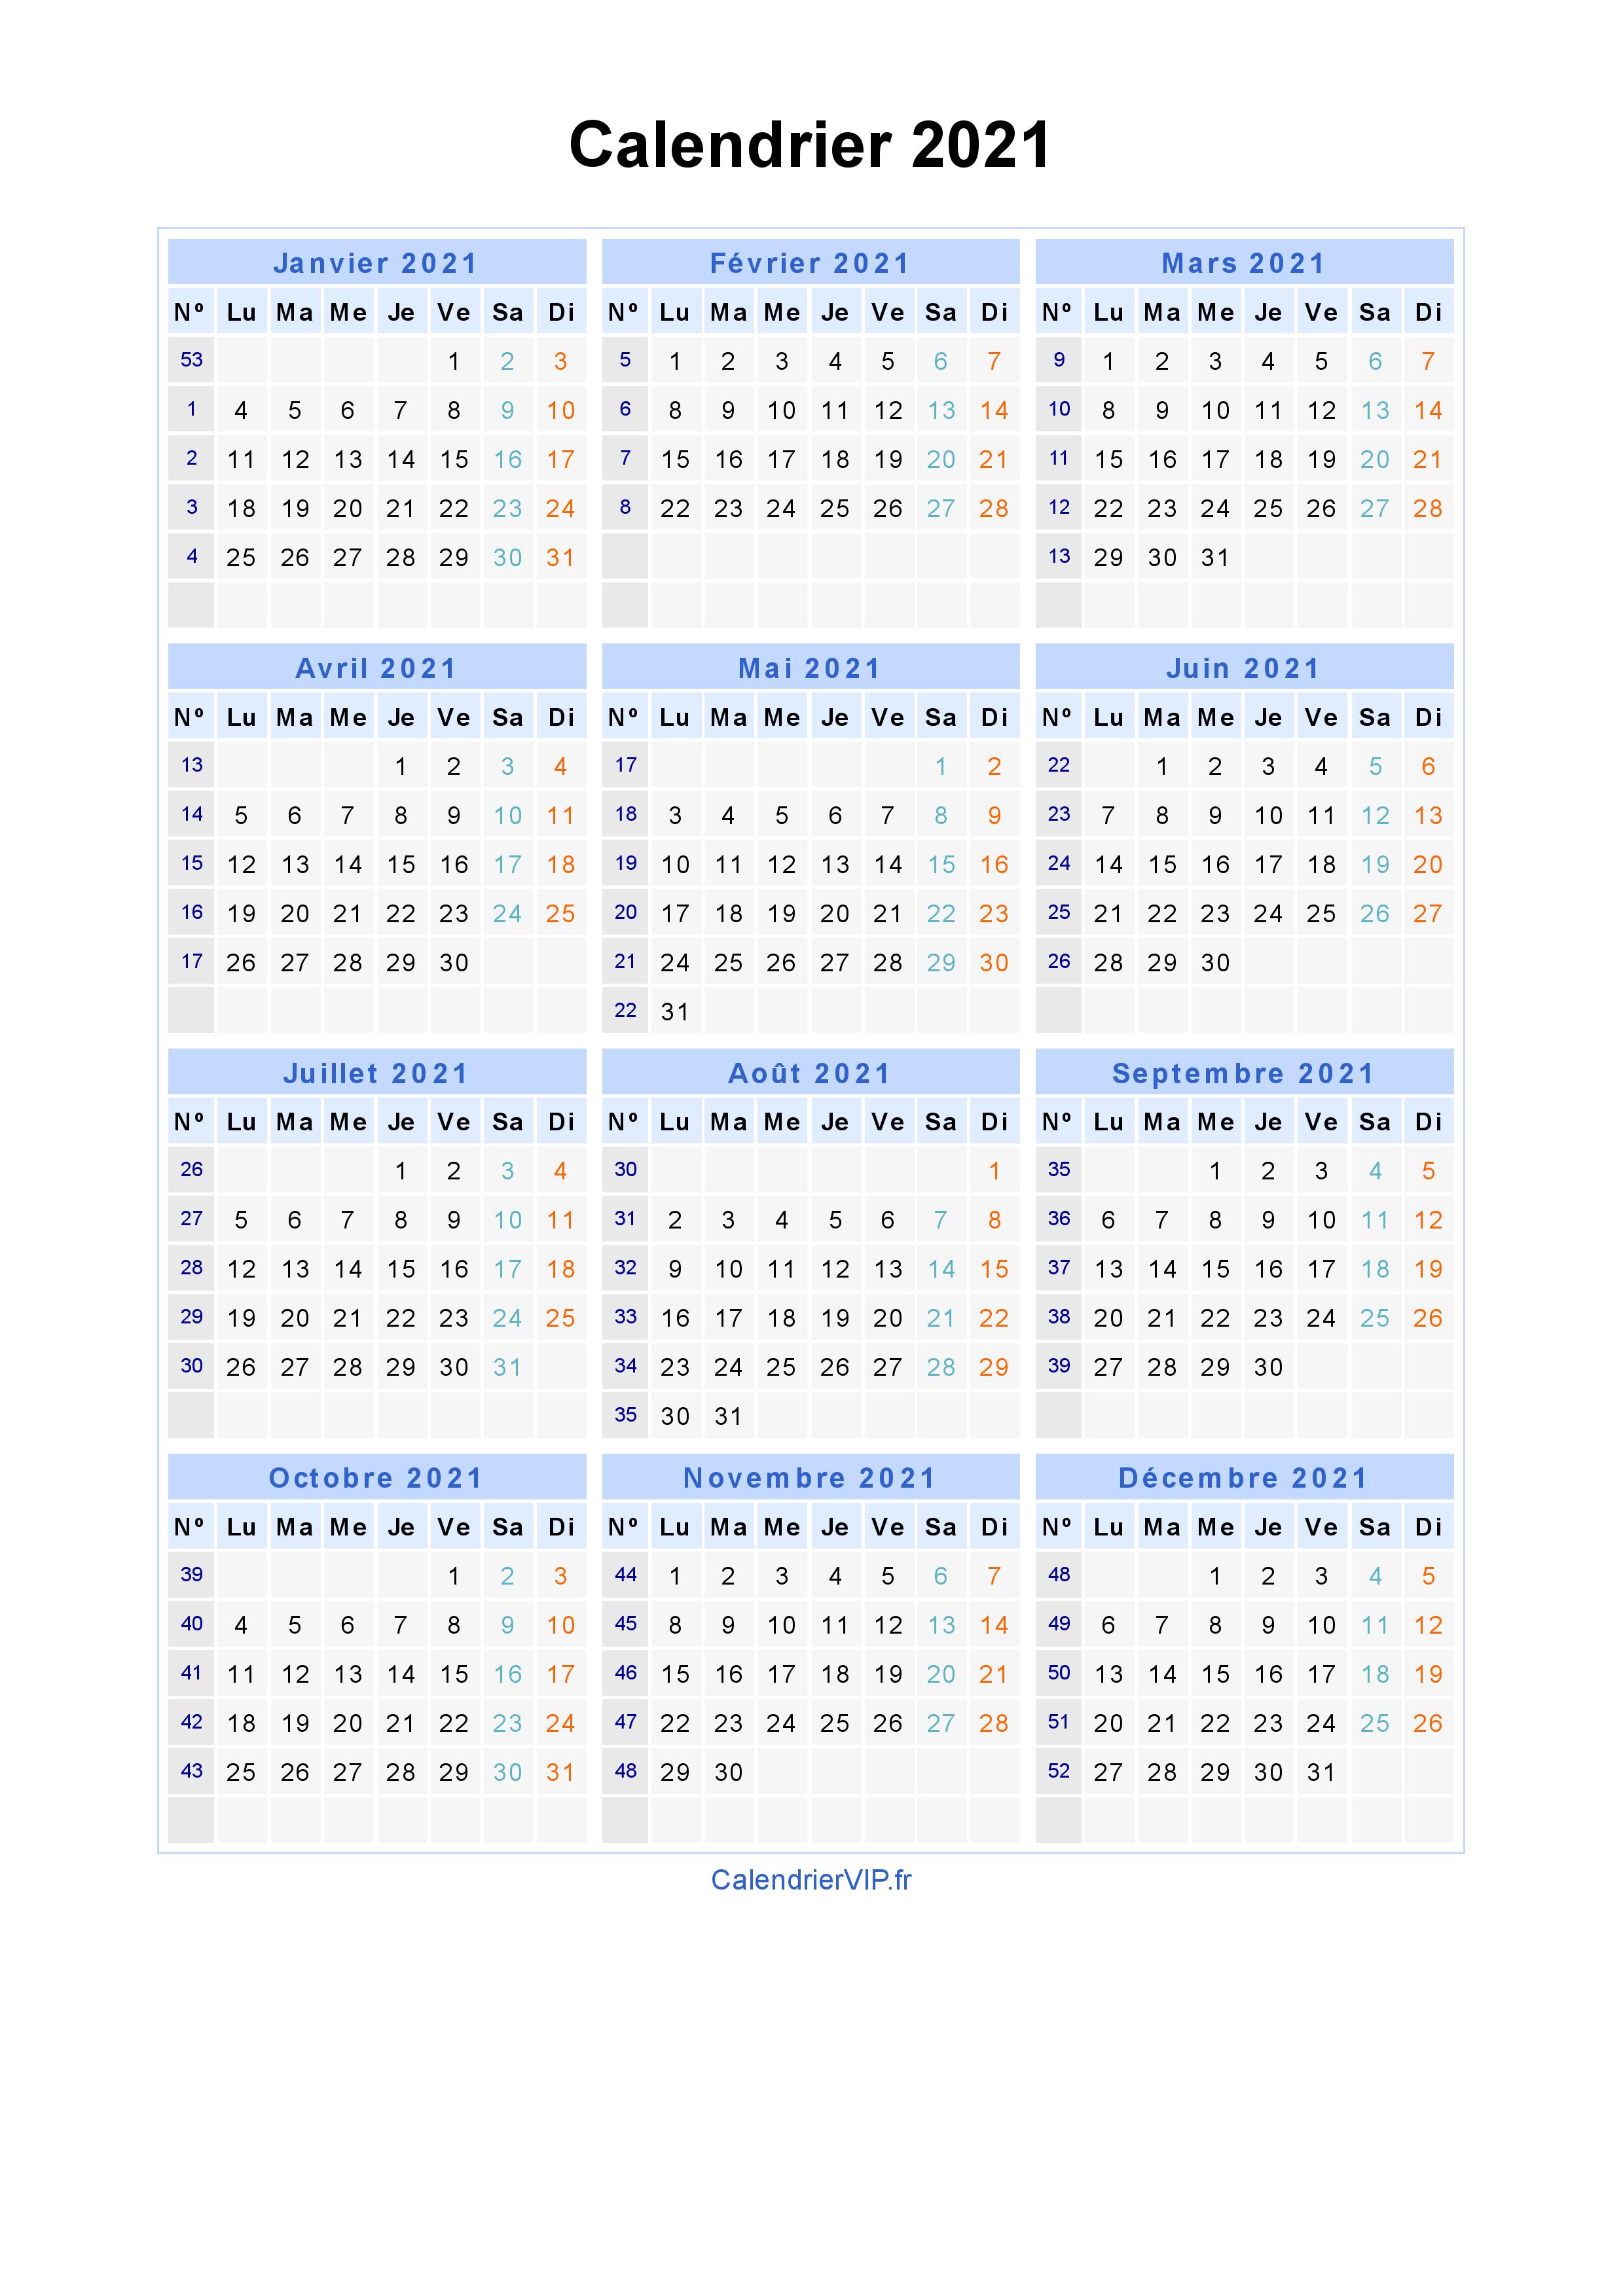 Calendrier 2021 à imprimer gratuit en PDF et Excel